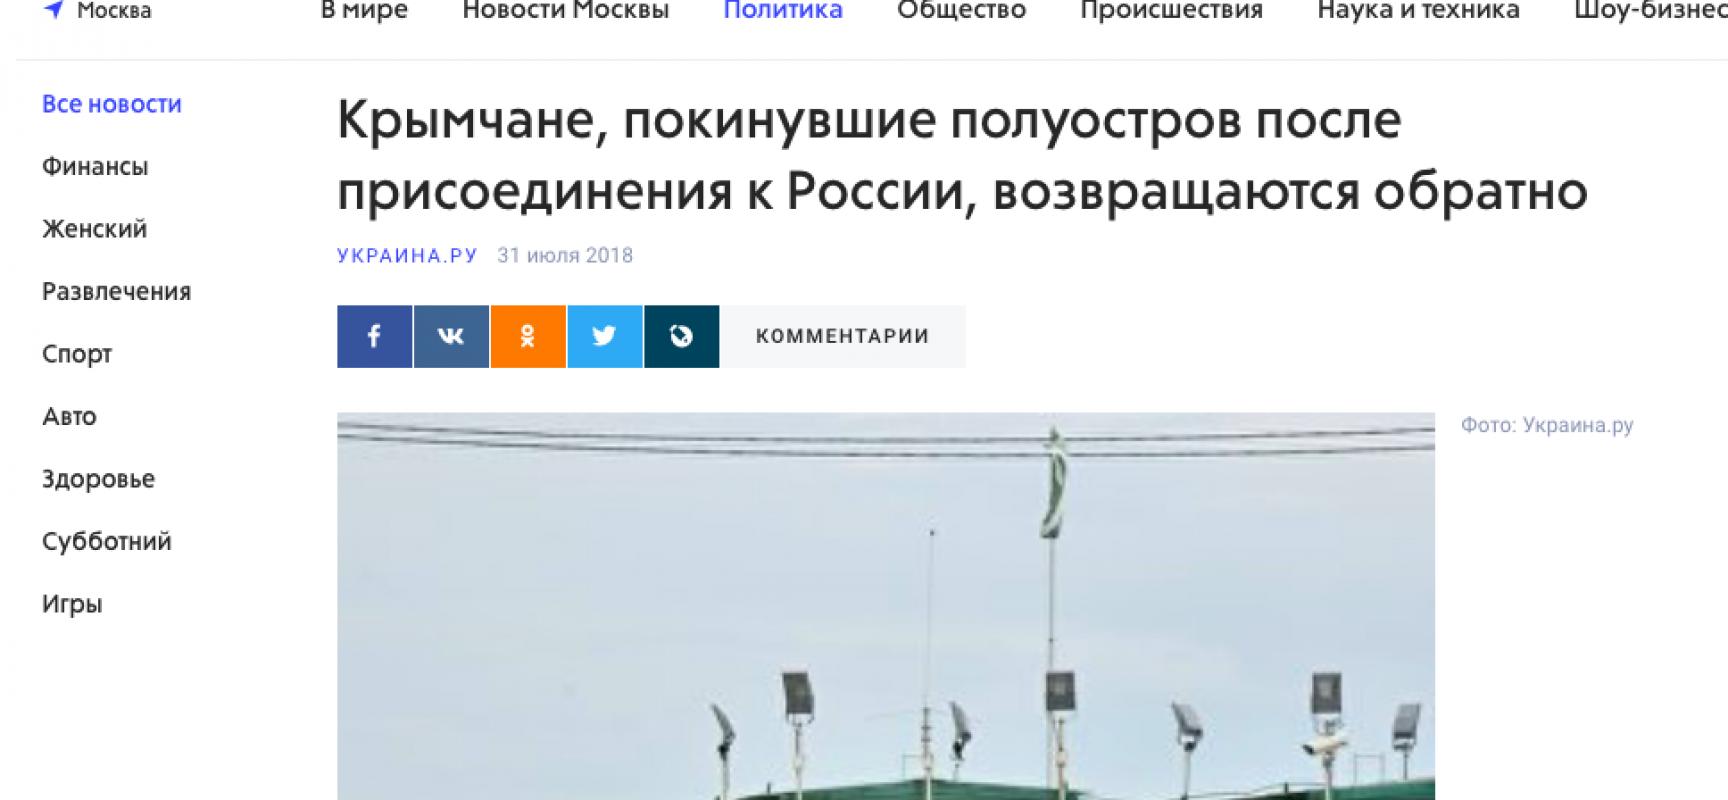 Fake: In Crimea ritornano coloro che hanno lasciato la penisola dopo l'annessione russa